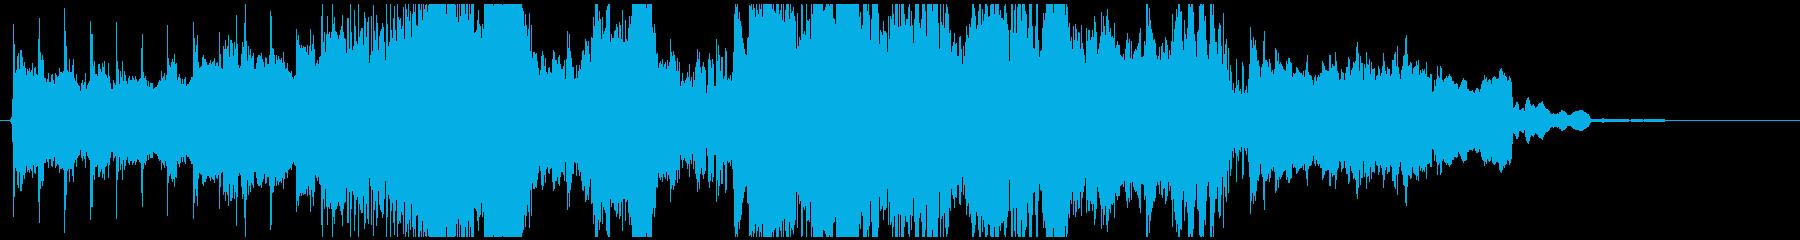 15秒CMに和風ダブステップ!篠笛生演奏の再生済みの波形